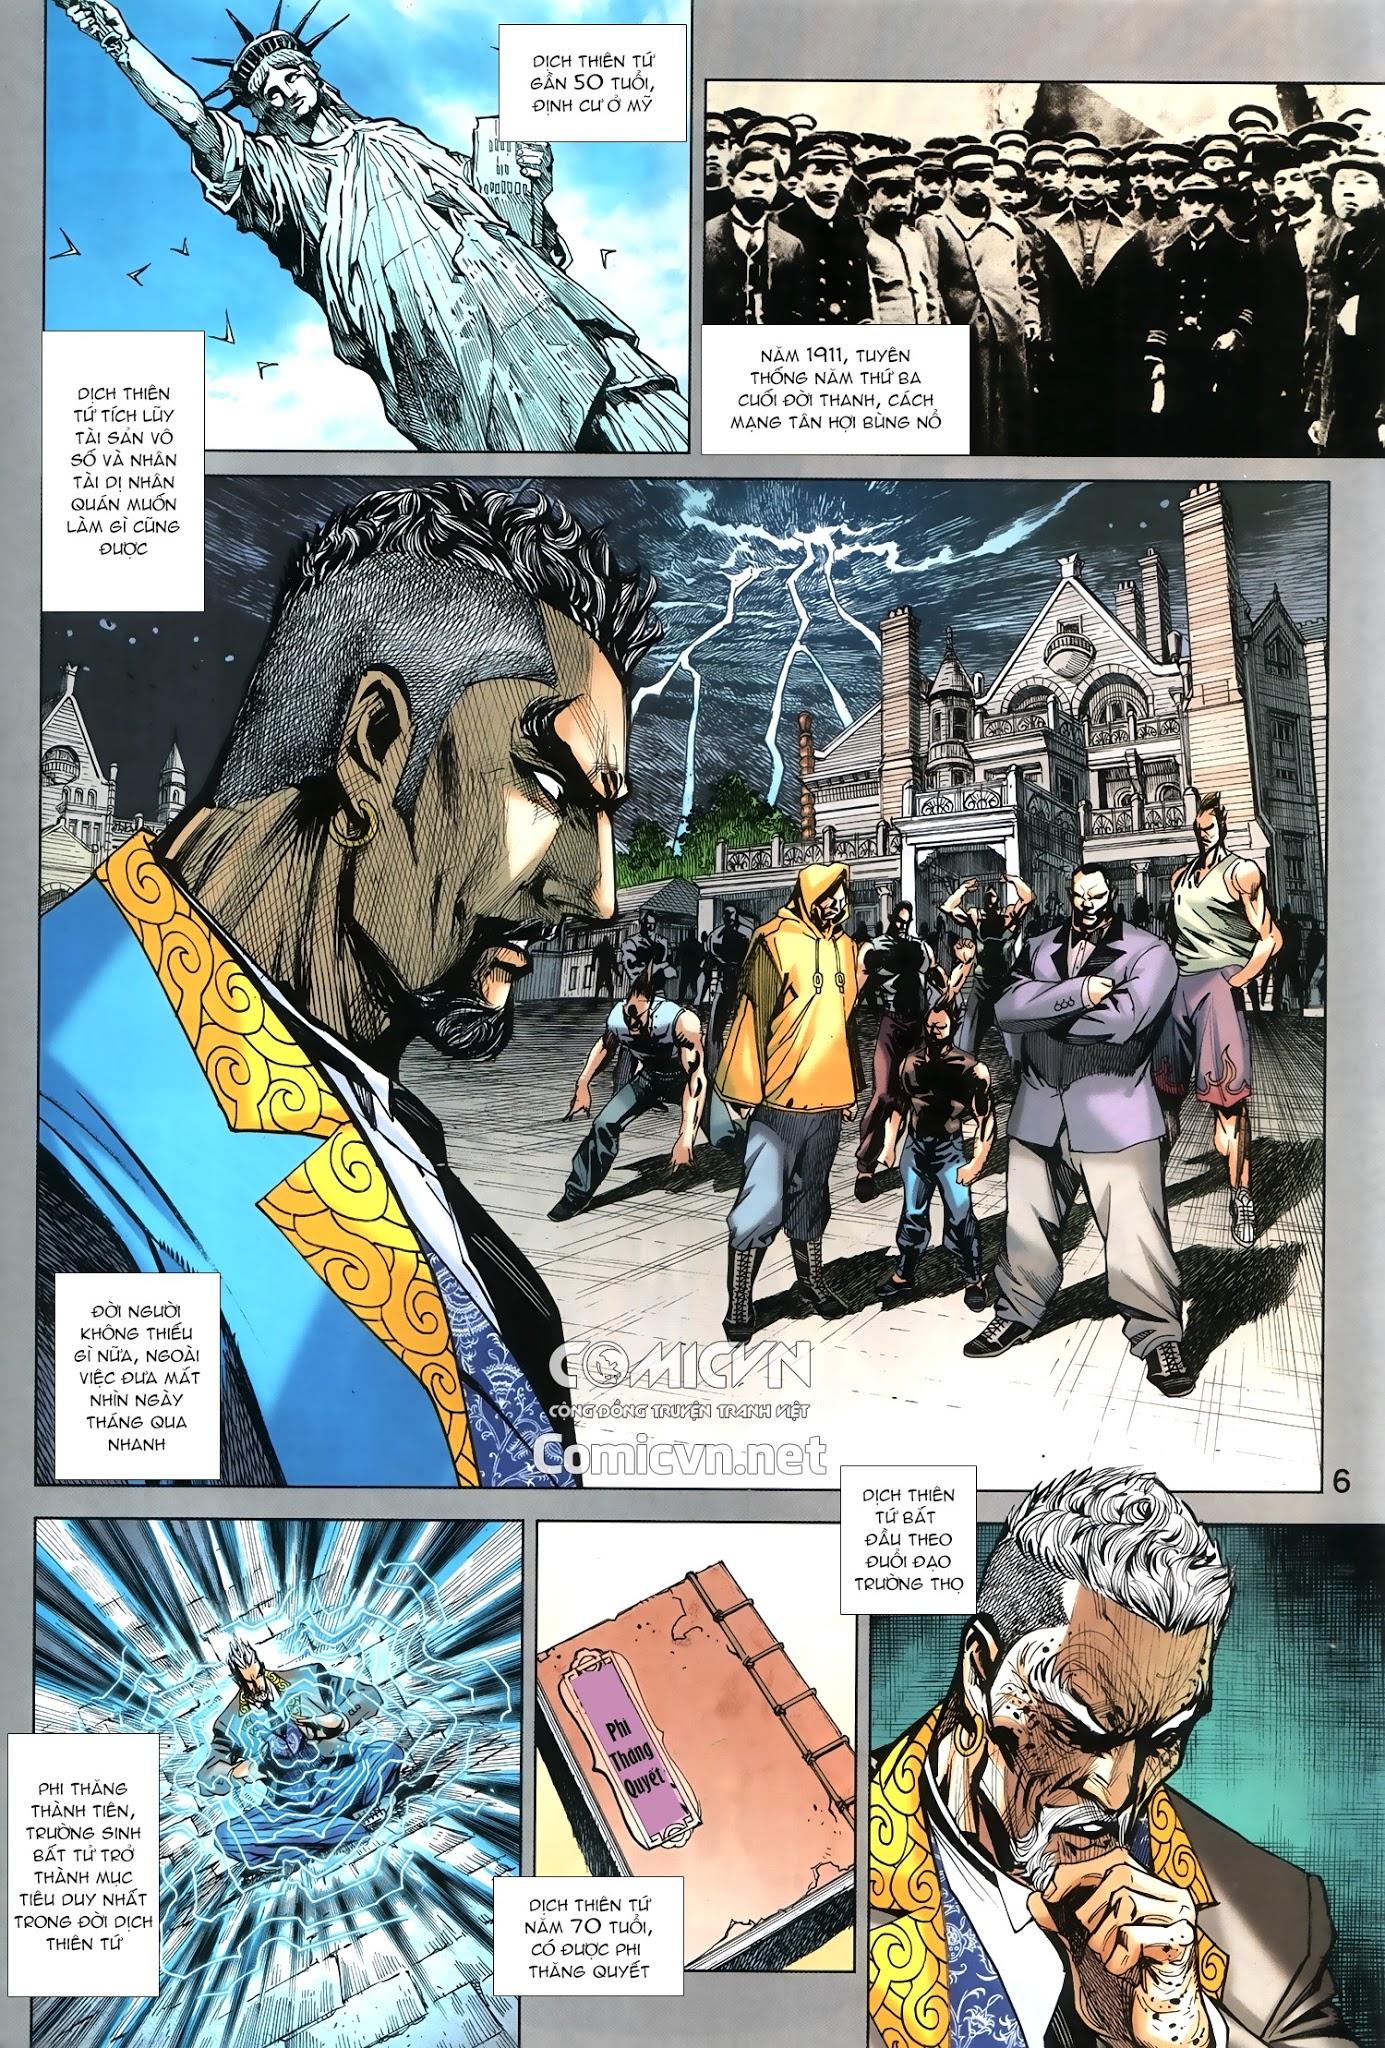 Tân Tác Long Hổ Môn chap 879.1 - Trang 6